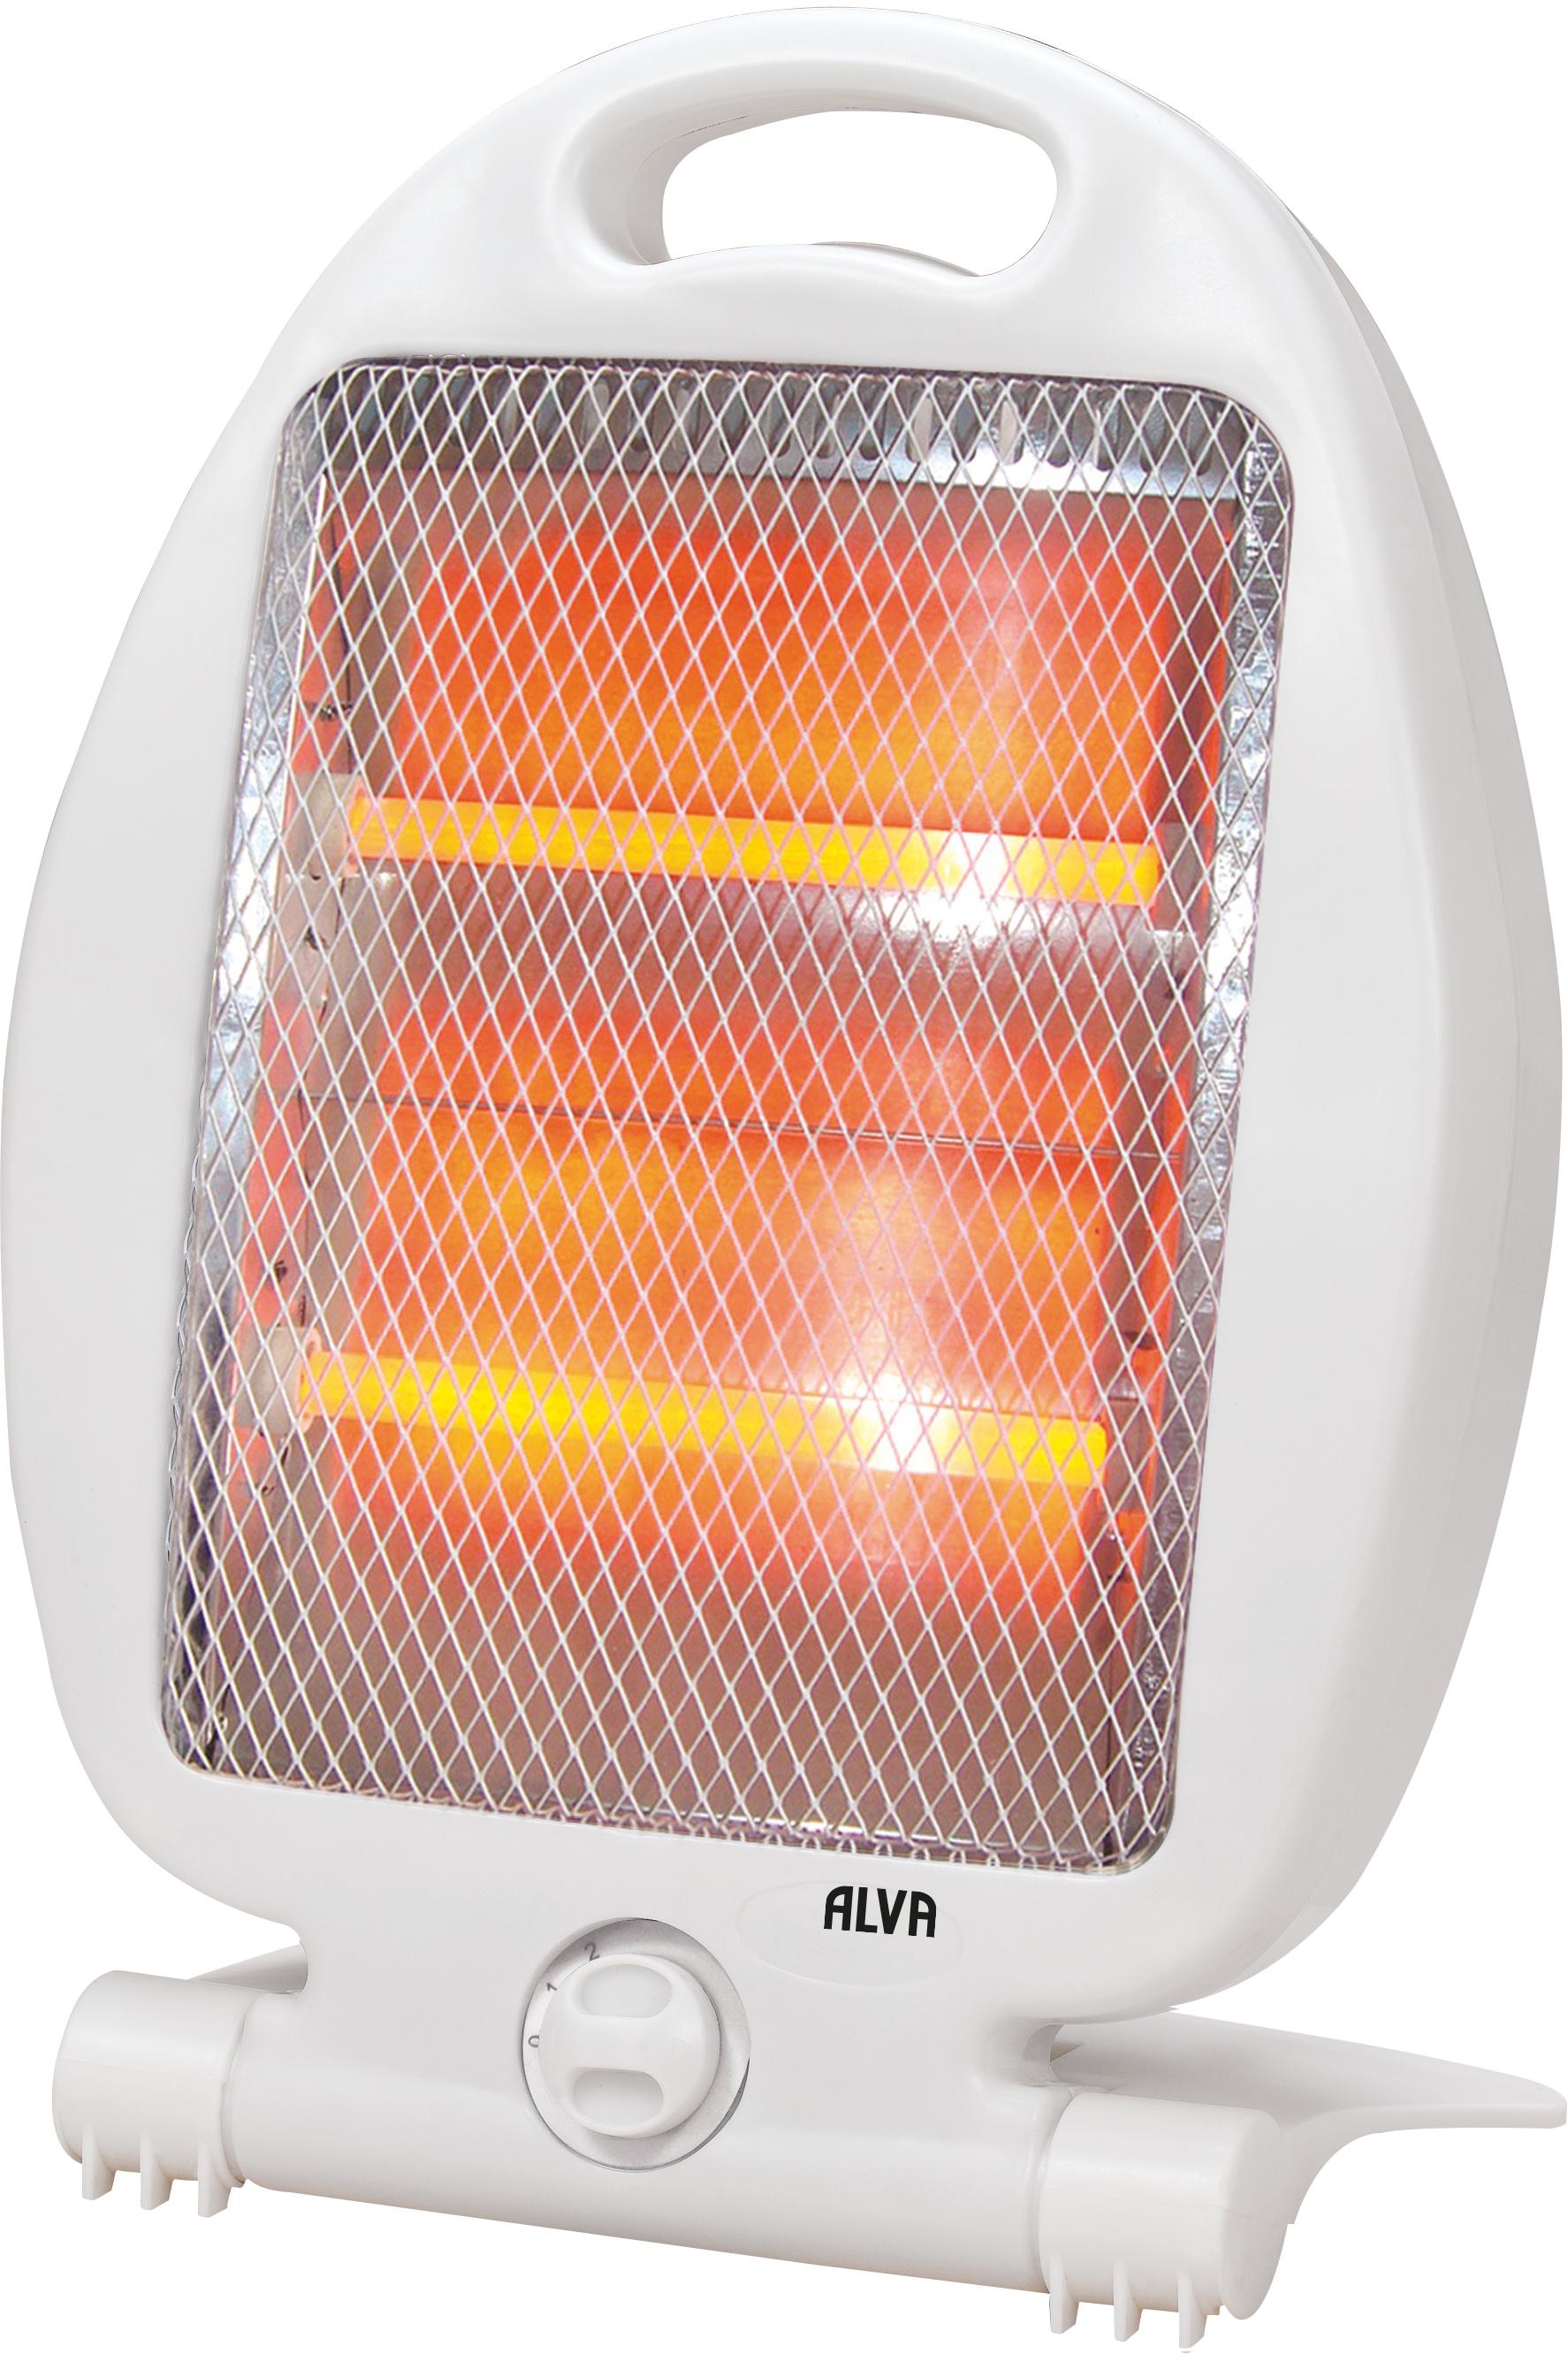 Alva - Electric Quartz Heater 800W